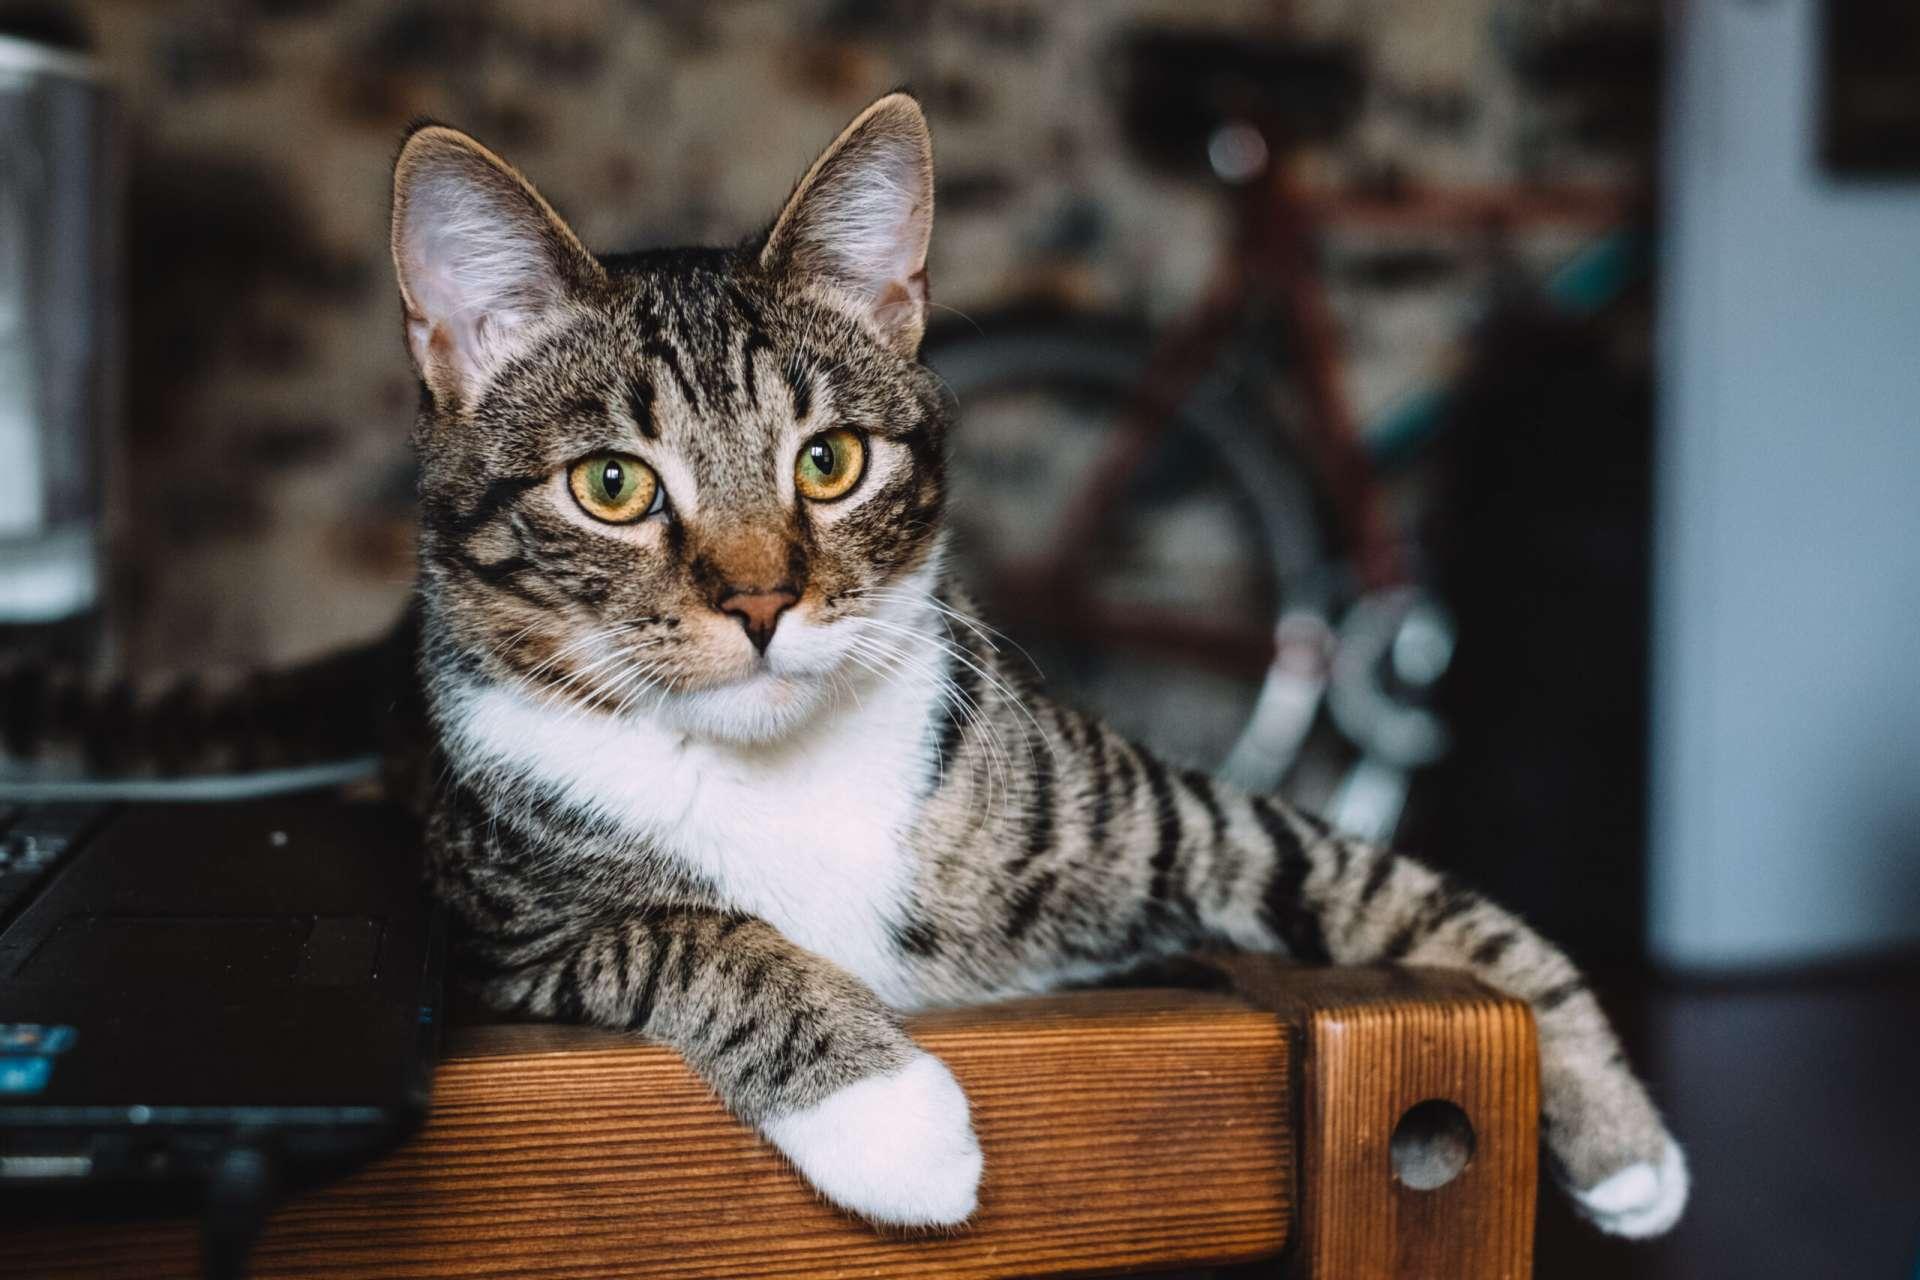 Kuidas ravida kassi kohulahtisust scaled